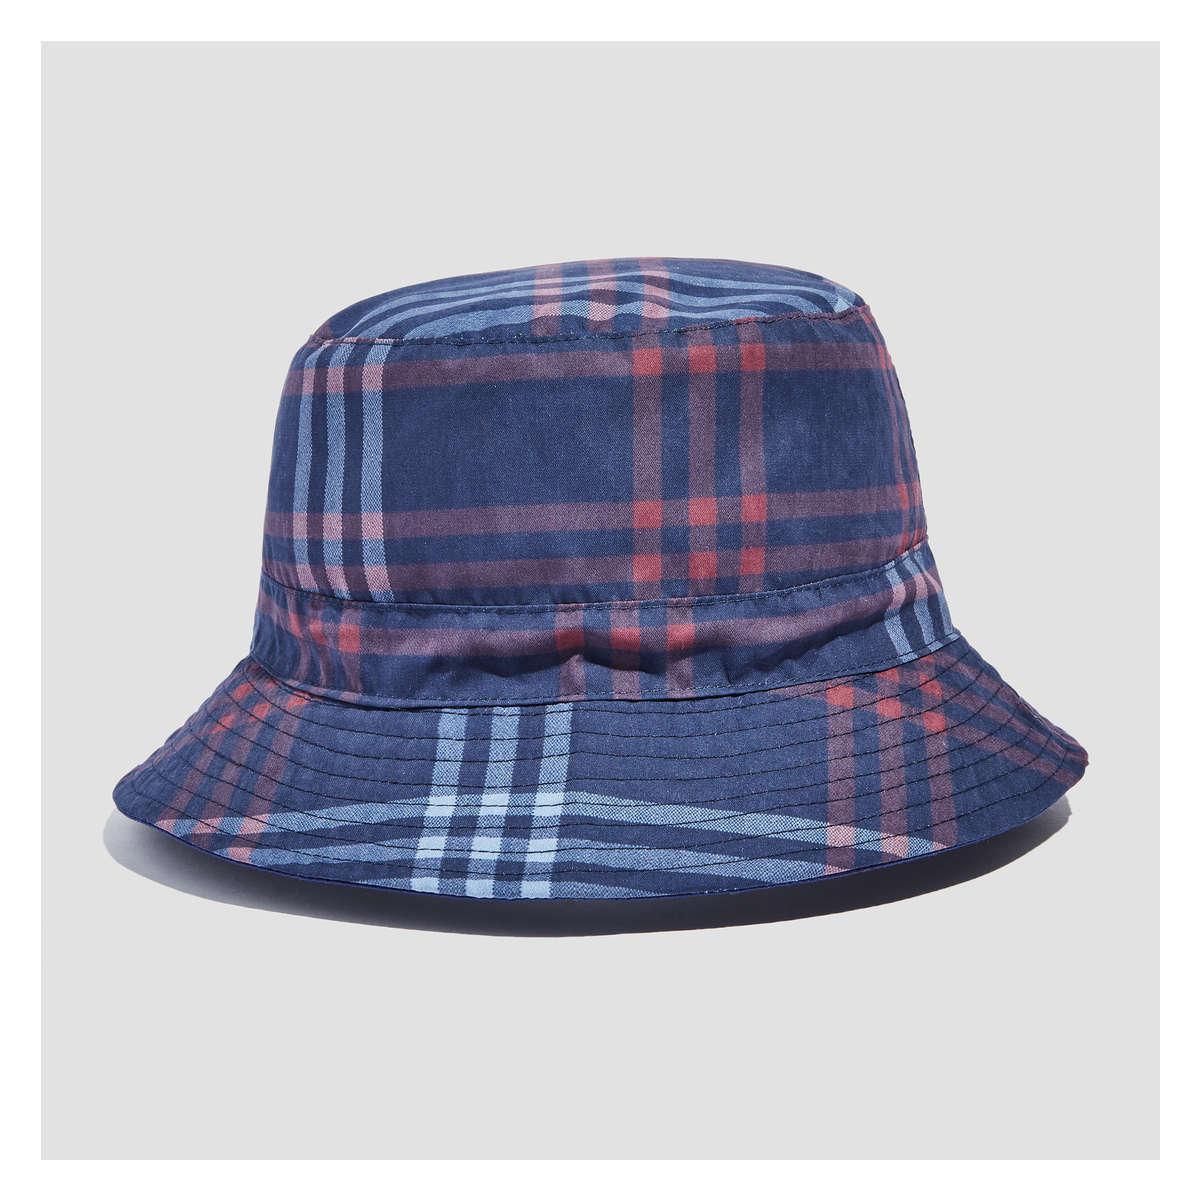 08cfe4a00fa5ac Lyst - Joe Fresh Men's Print Bucket Hat in Blue for Men